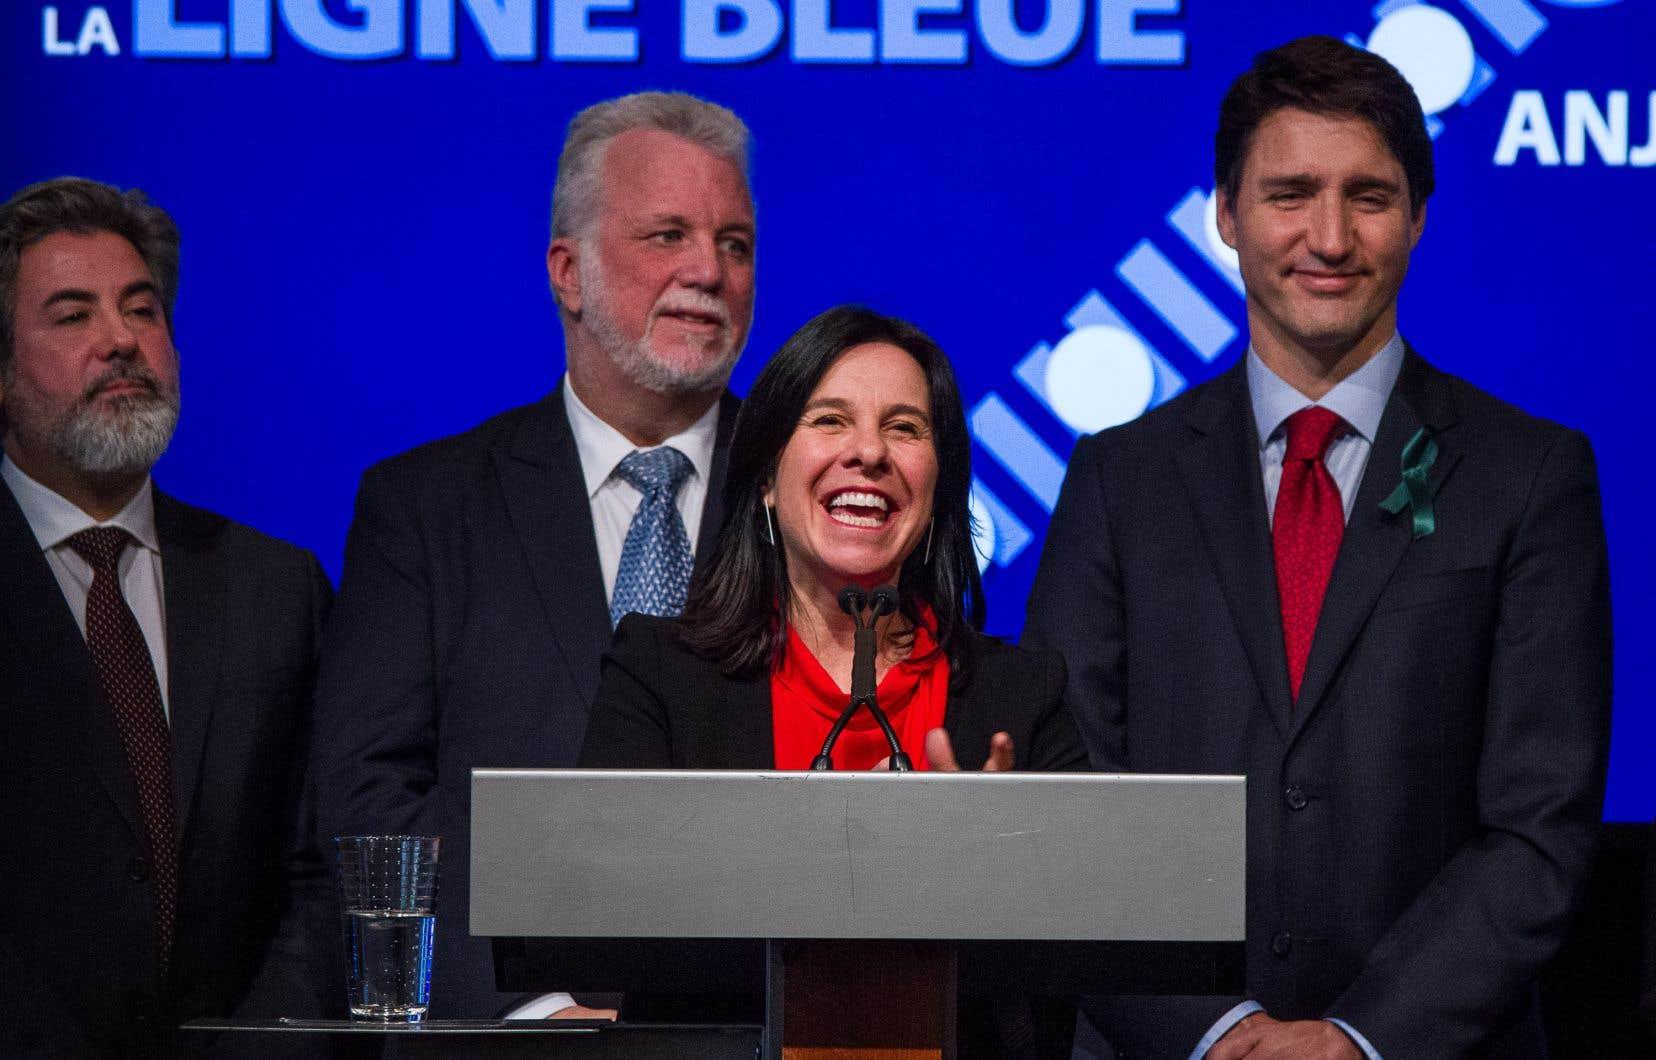 Les premiers ministres Philippe Couillard et Justin Trudeau et la mairesse de Montréal, Valérie Plante, ont confirmé le lancement du projet de prolongement de la ligne bleue du métro.